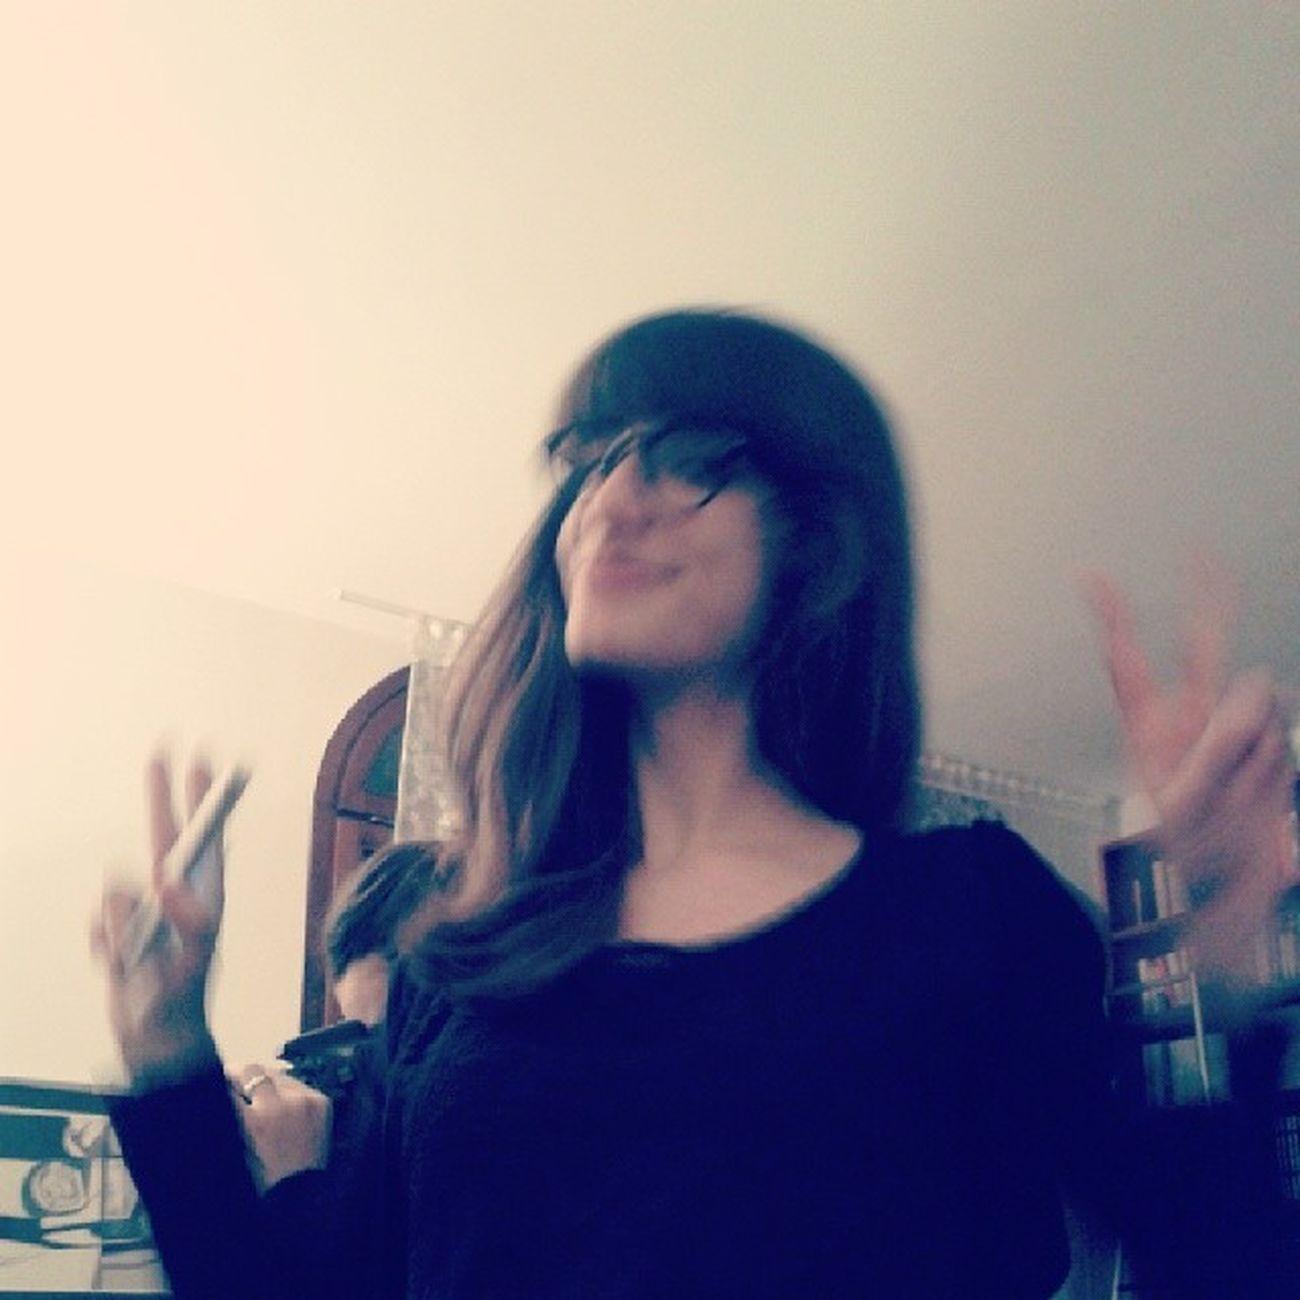 Giulia Sfuocata Stupid Hippie style victory glasses